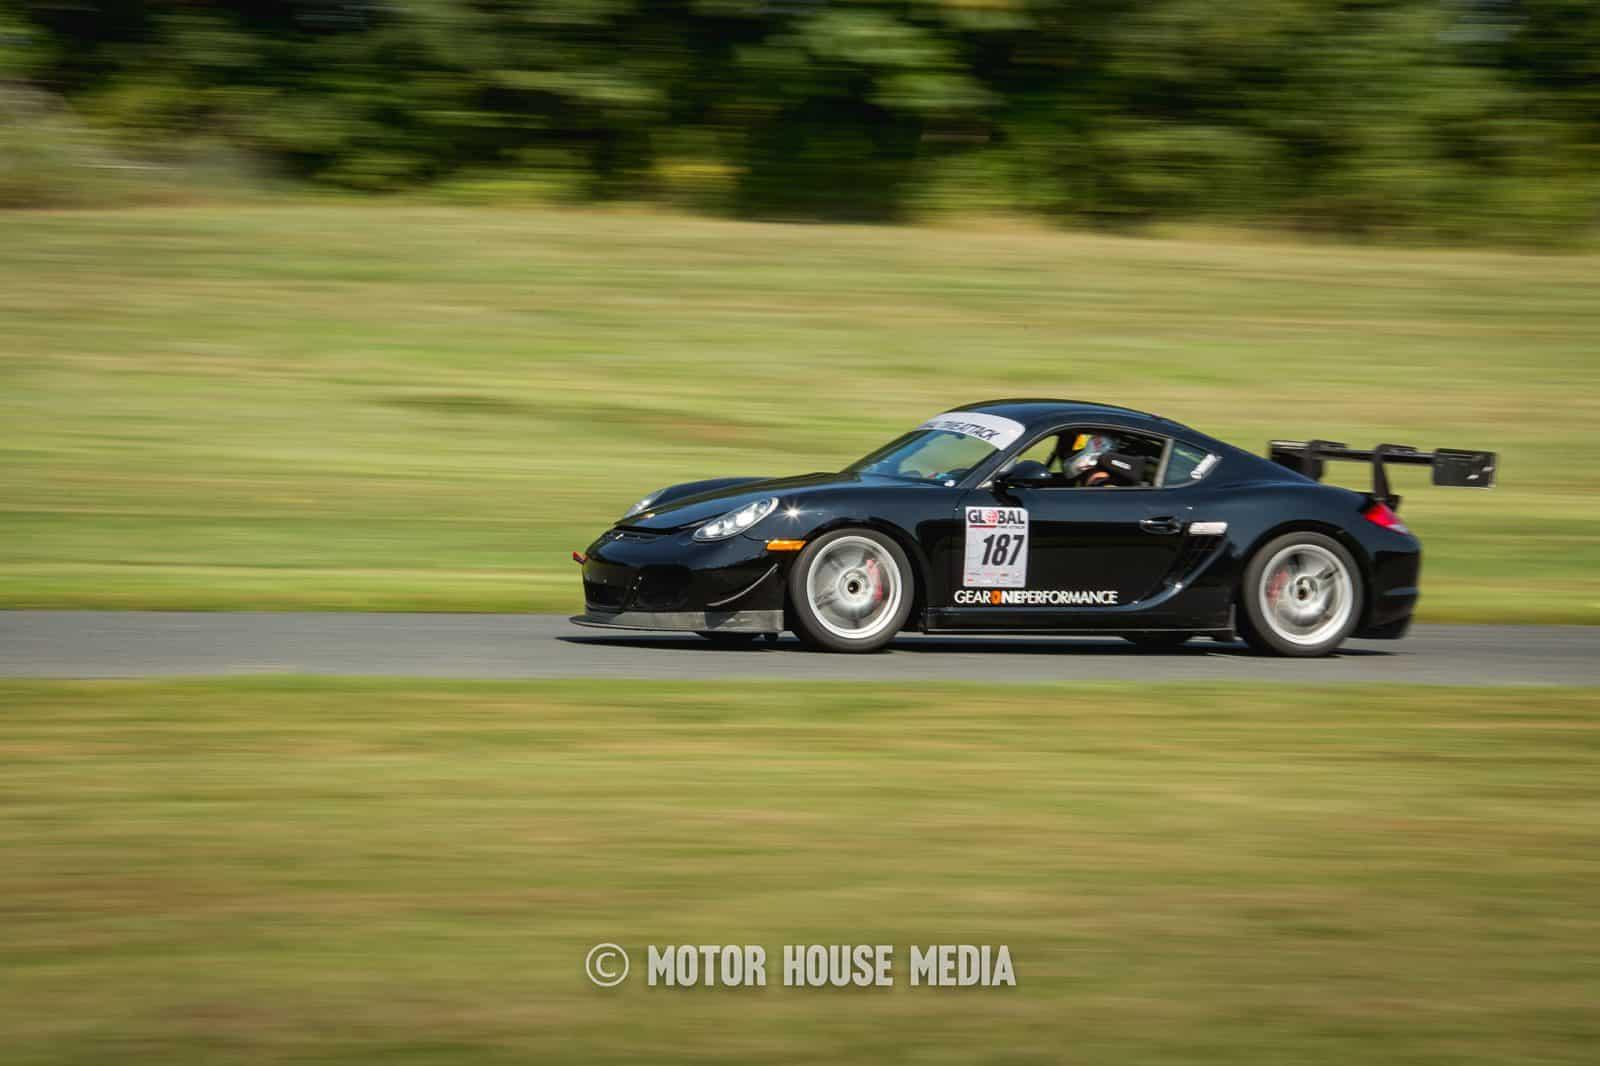 Porsche Global Time Attack car